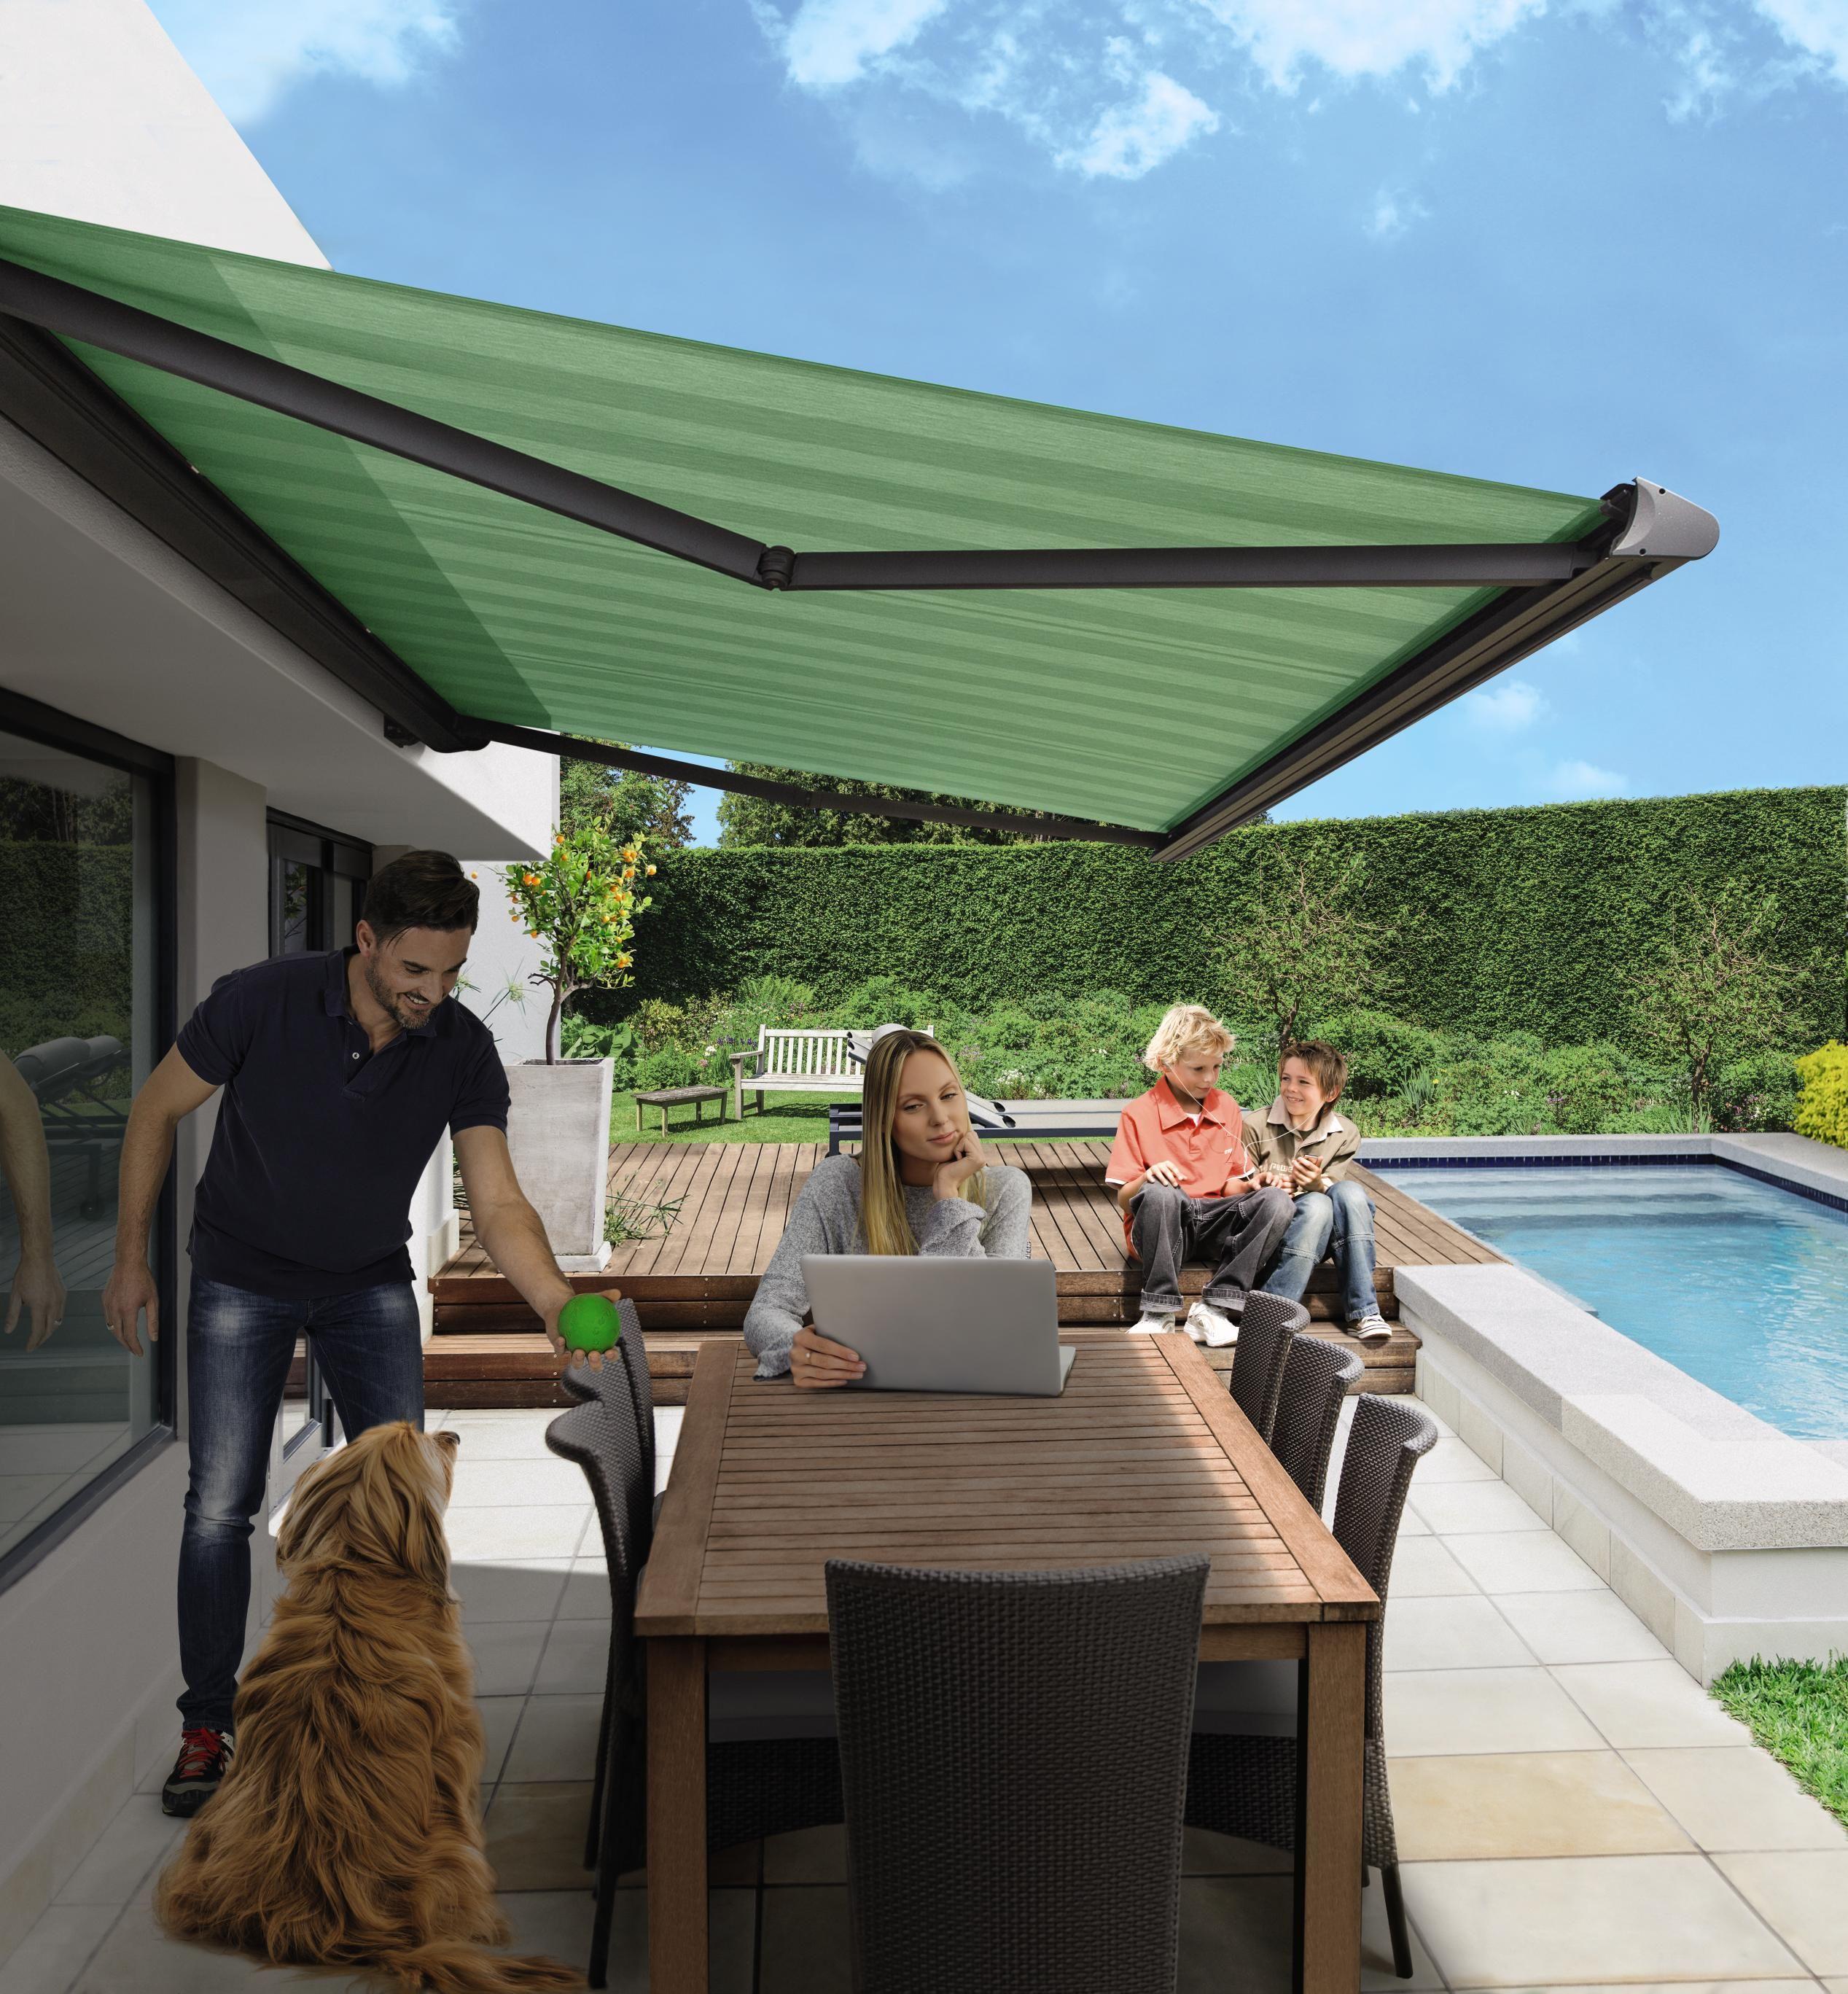 einzigartige wohnfuhlzimmer zum arbeiten relaxen und spielen fur die ganze familie sonnenschutz terrassengestaltung markise